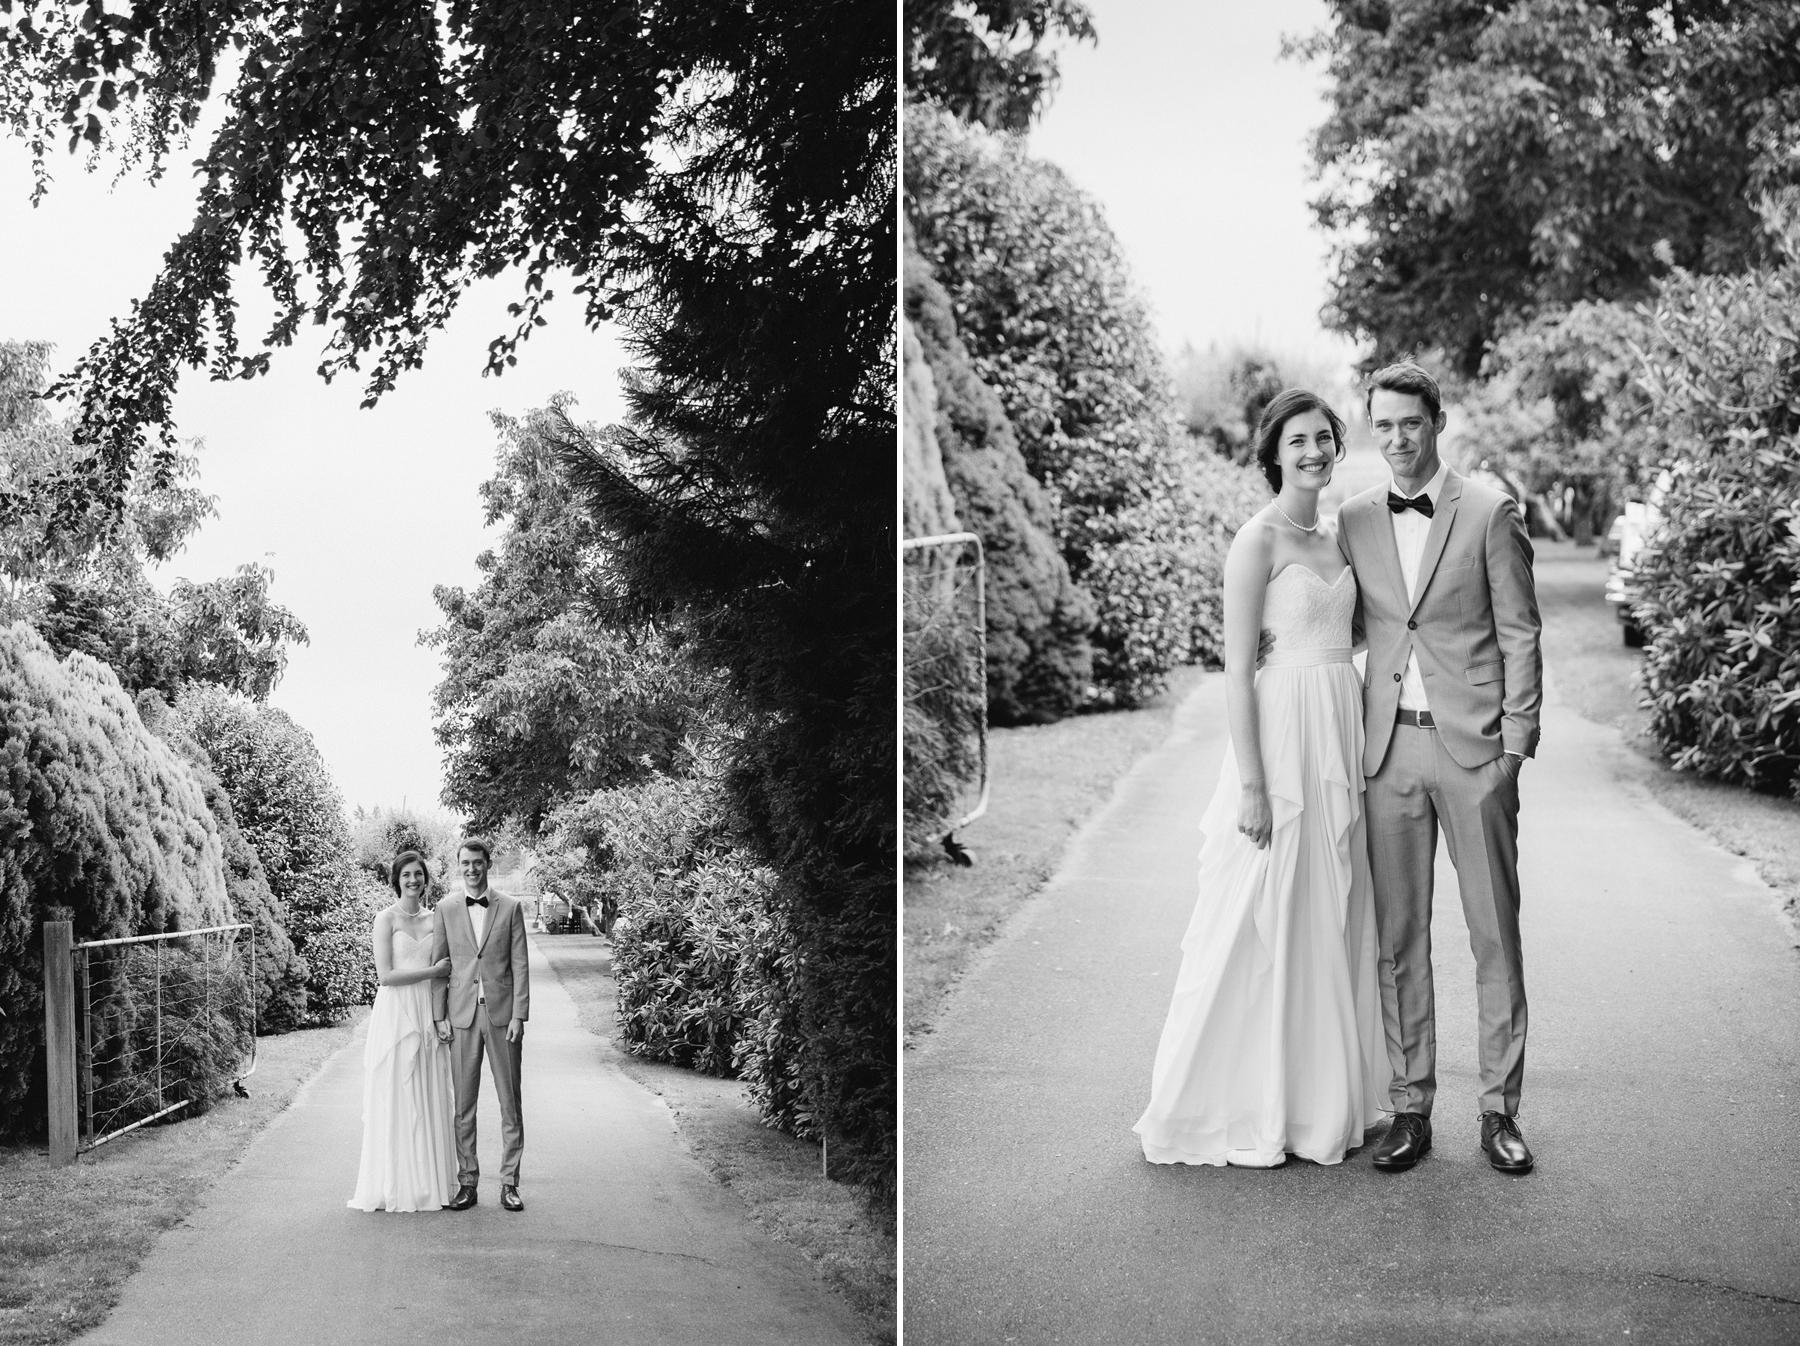 Vancouver-Rustic-Farm-Wedding-KB-047.jpg